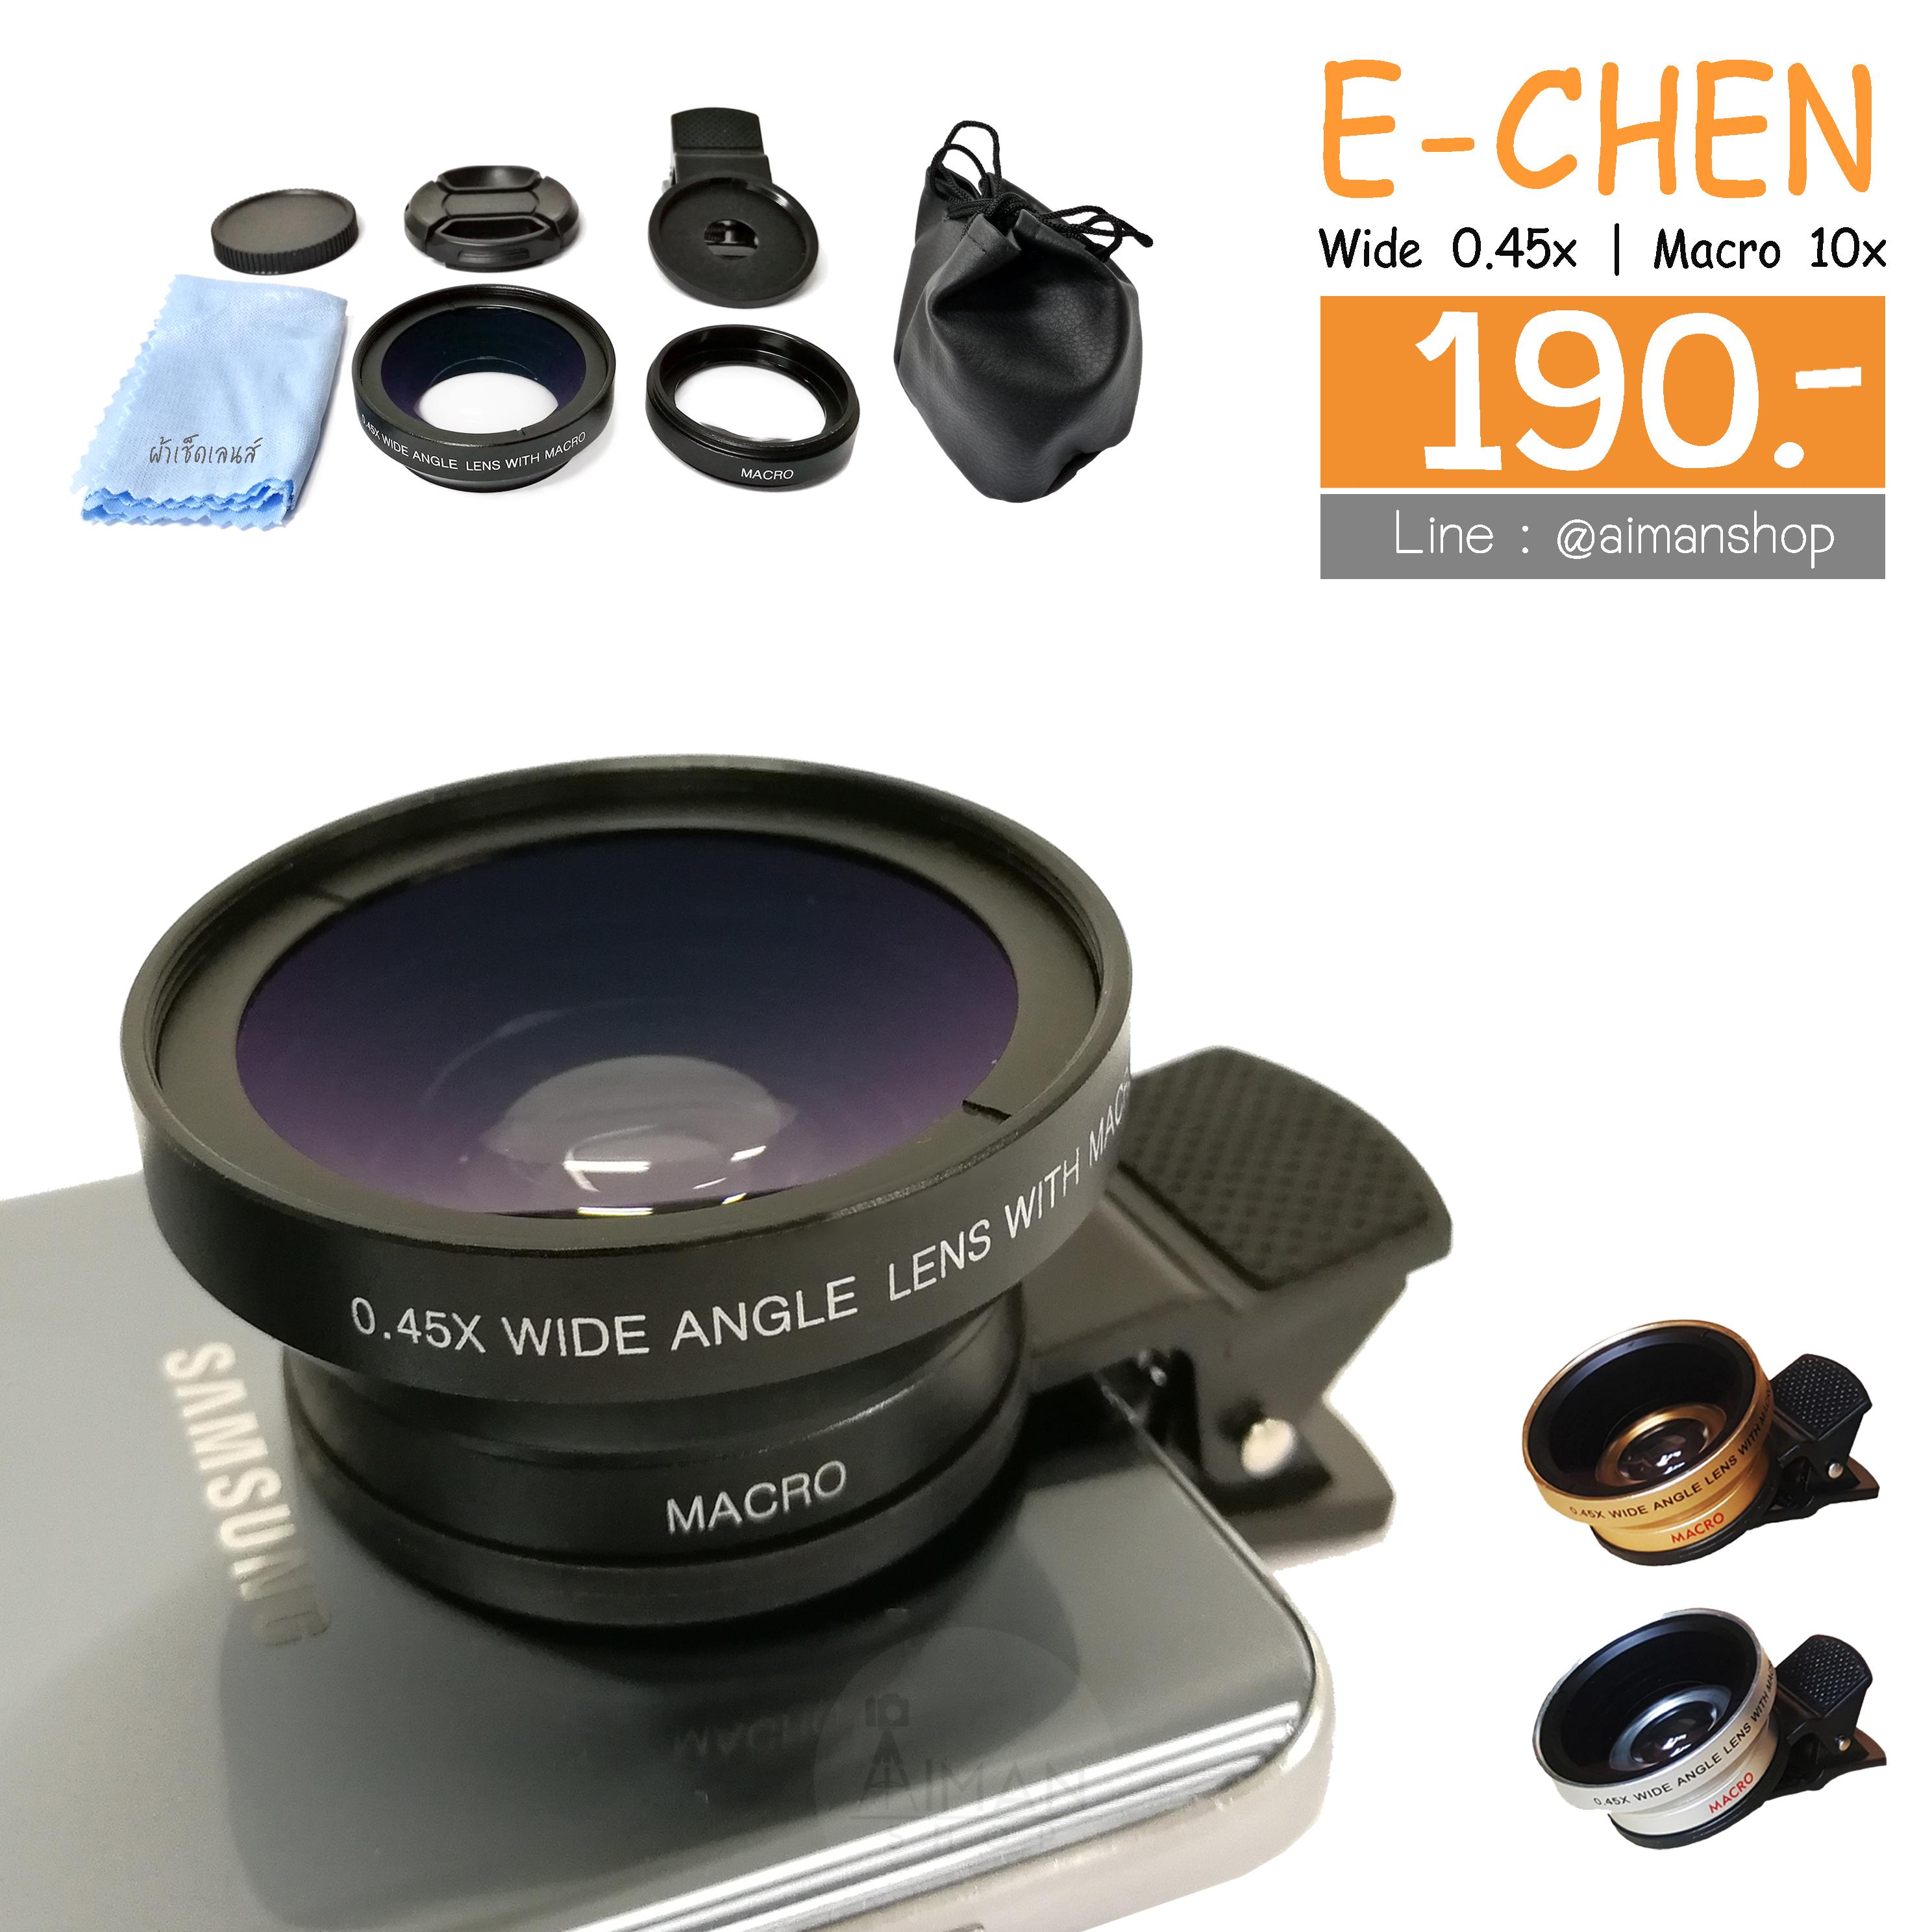 เลนส์มือถือ E-CHEN (super wide 0.45x + macro 10x)